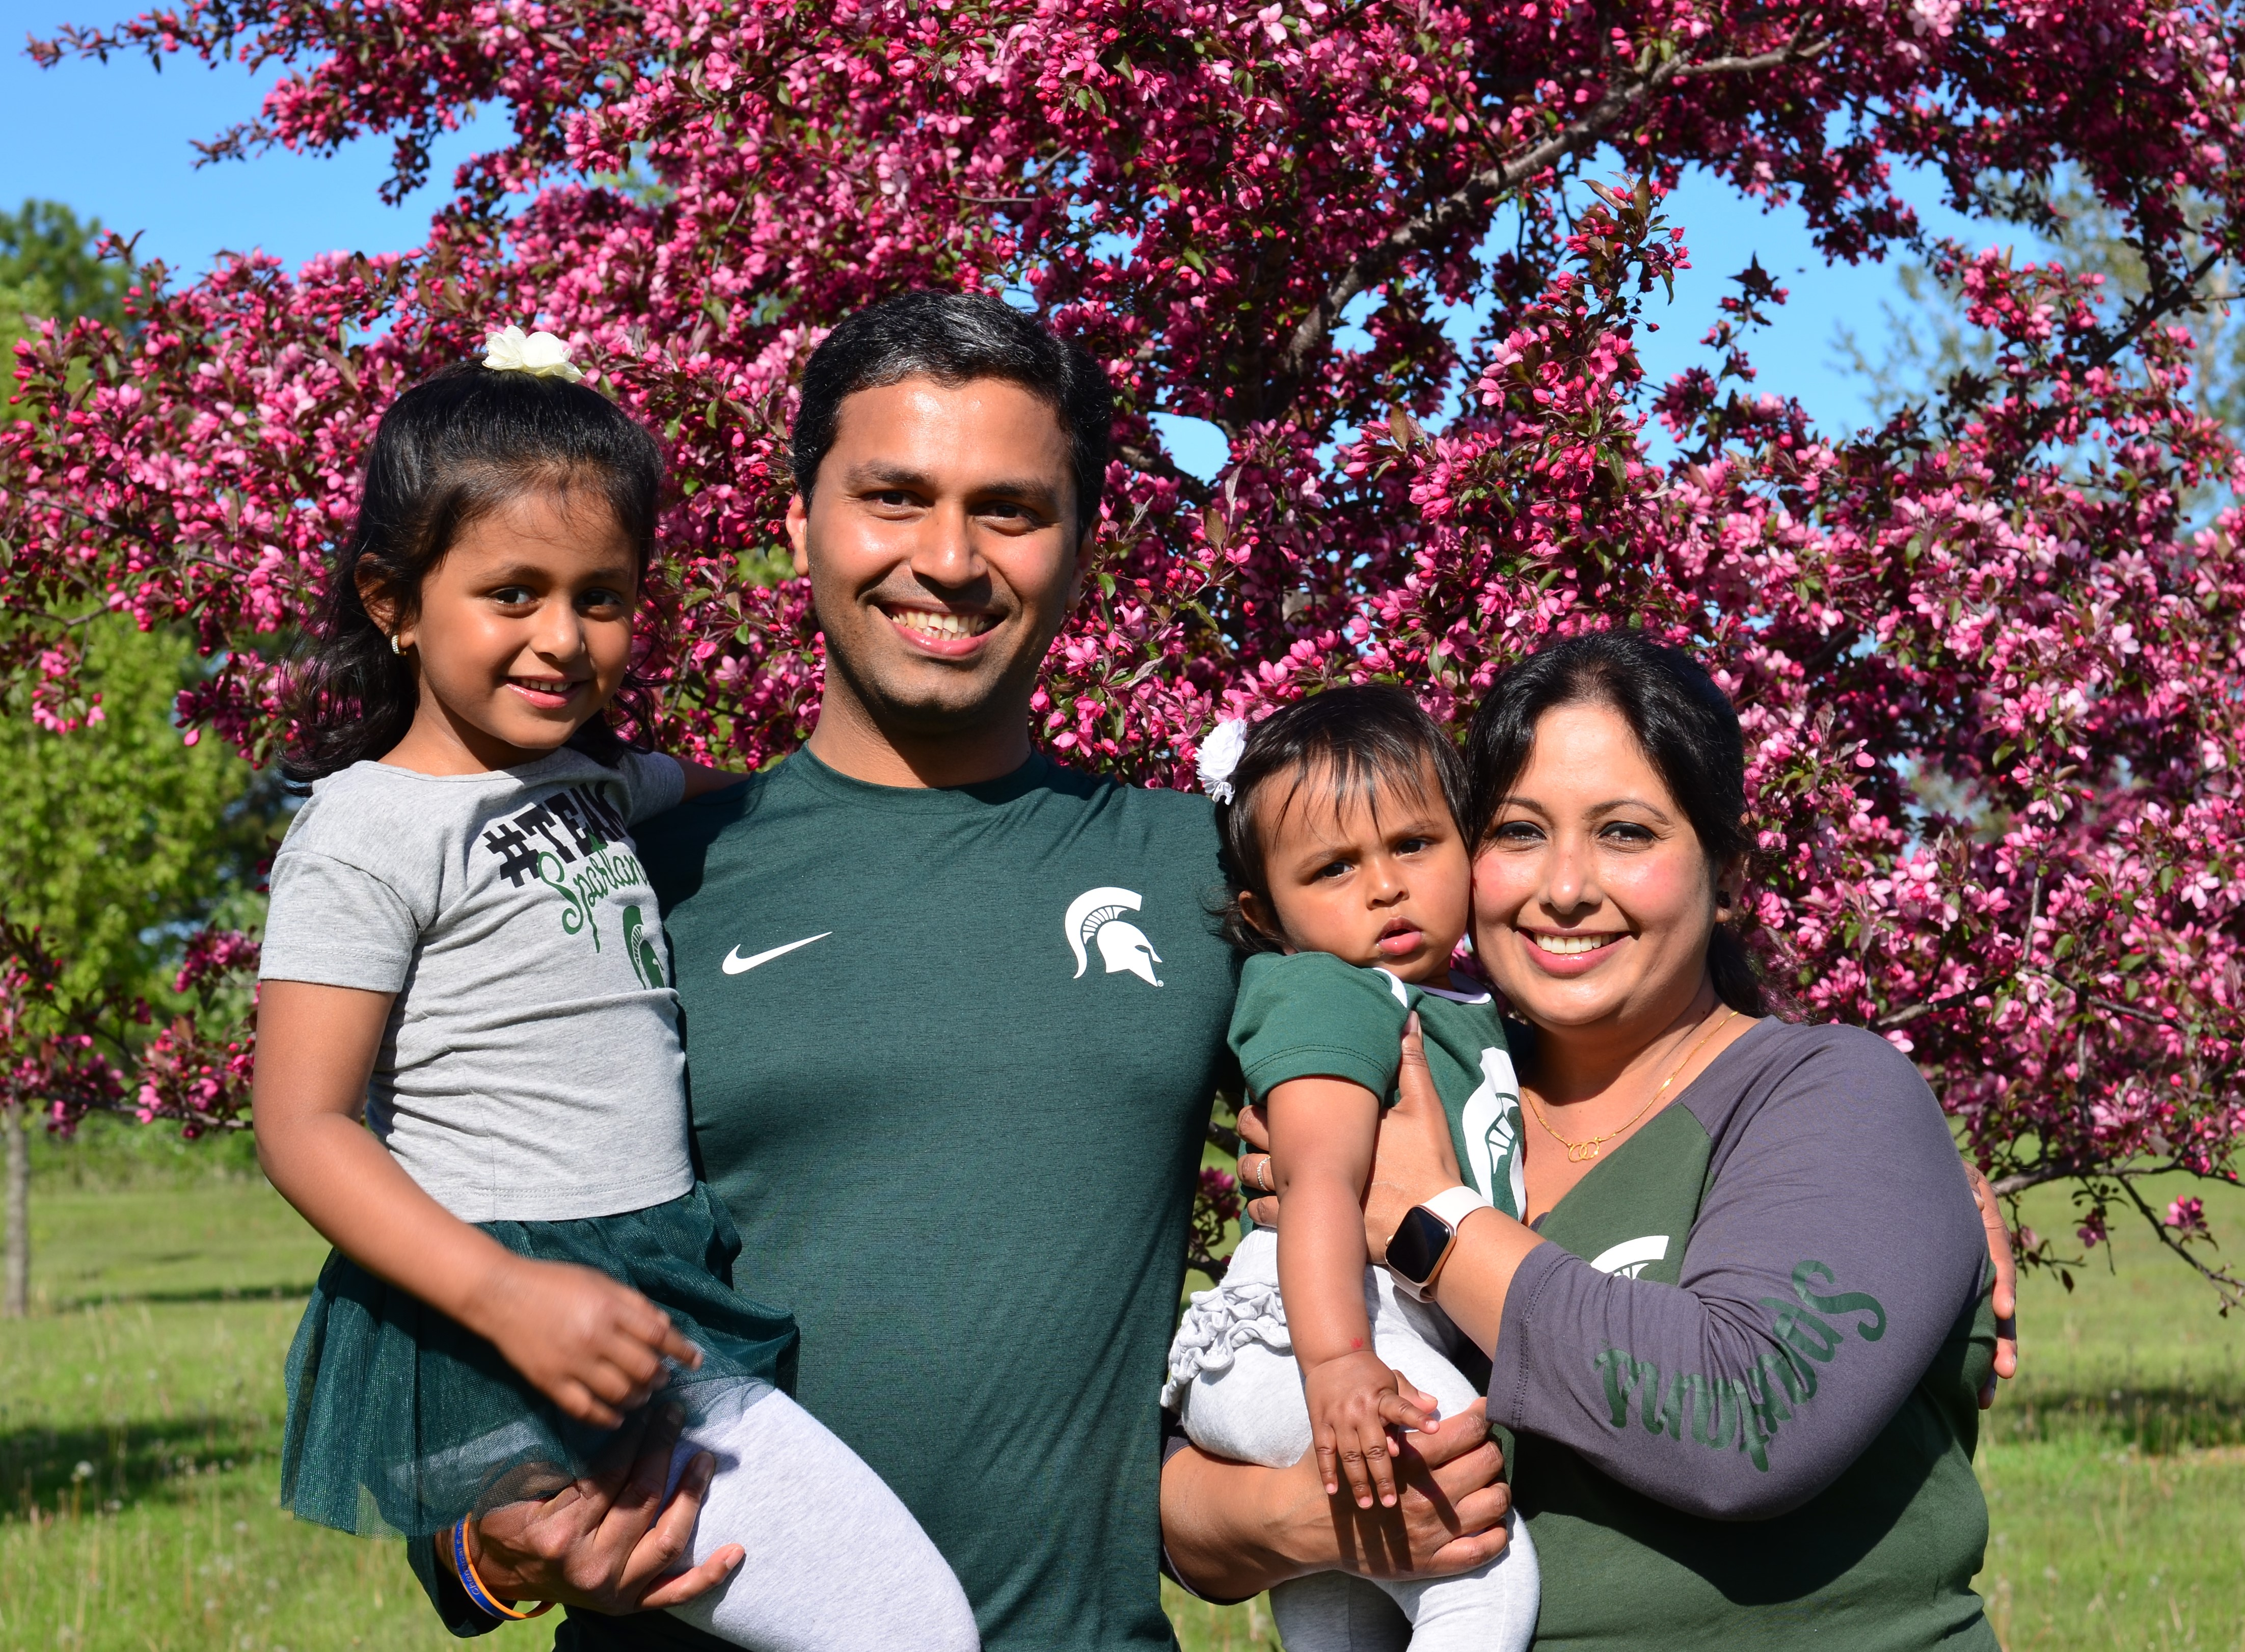 The Bambhania family is Spartan green: Harleen, 4, Harshal (M.S. '11), Ashleen, 1, and Deboleena Chakraborty (PhD. '10).